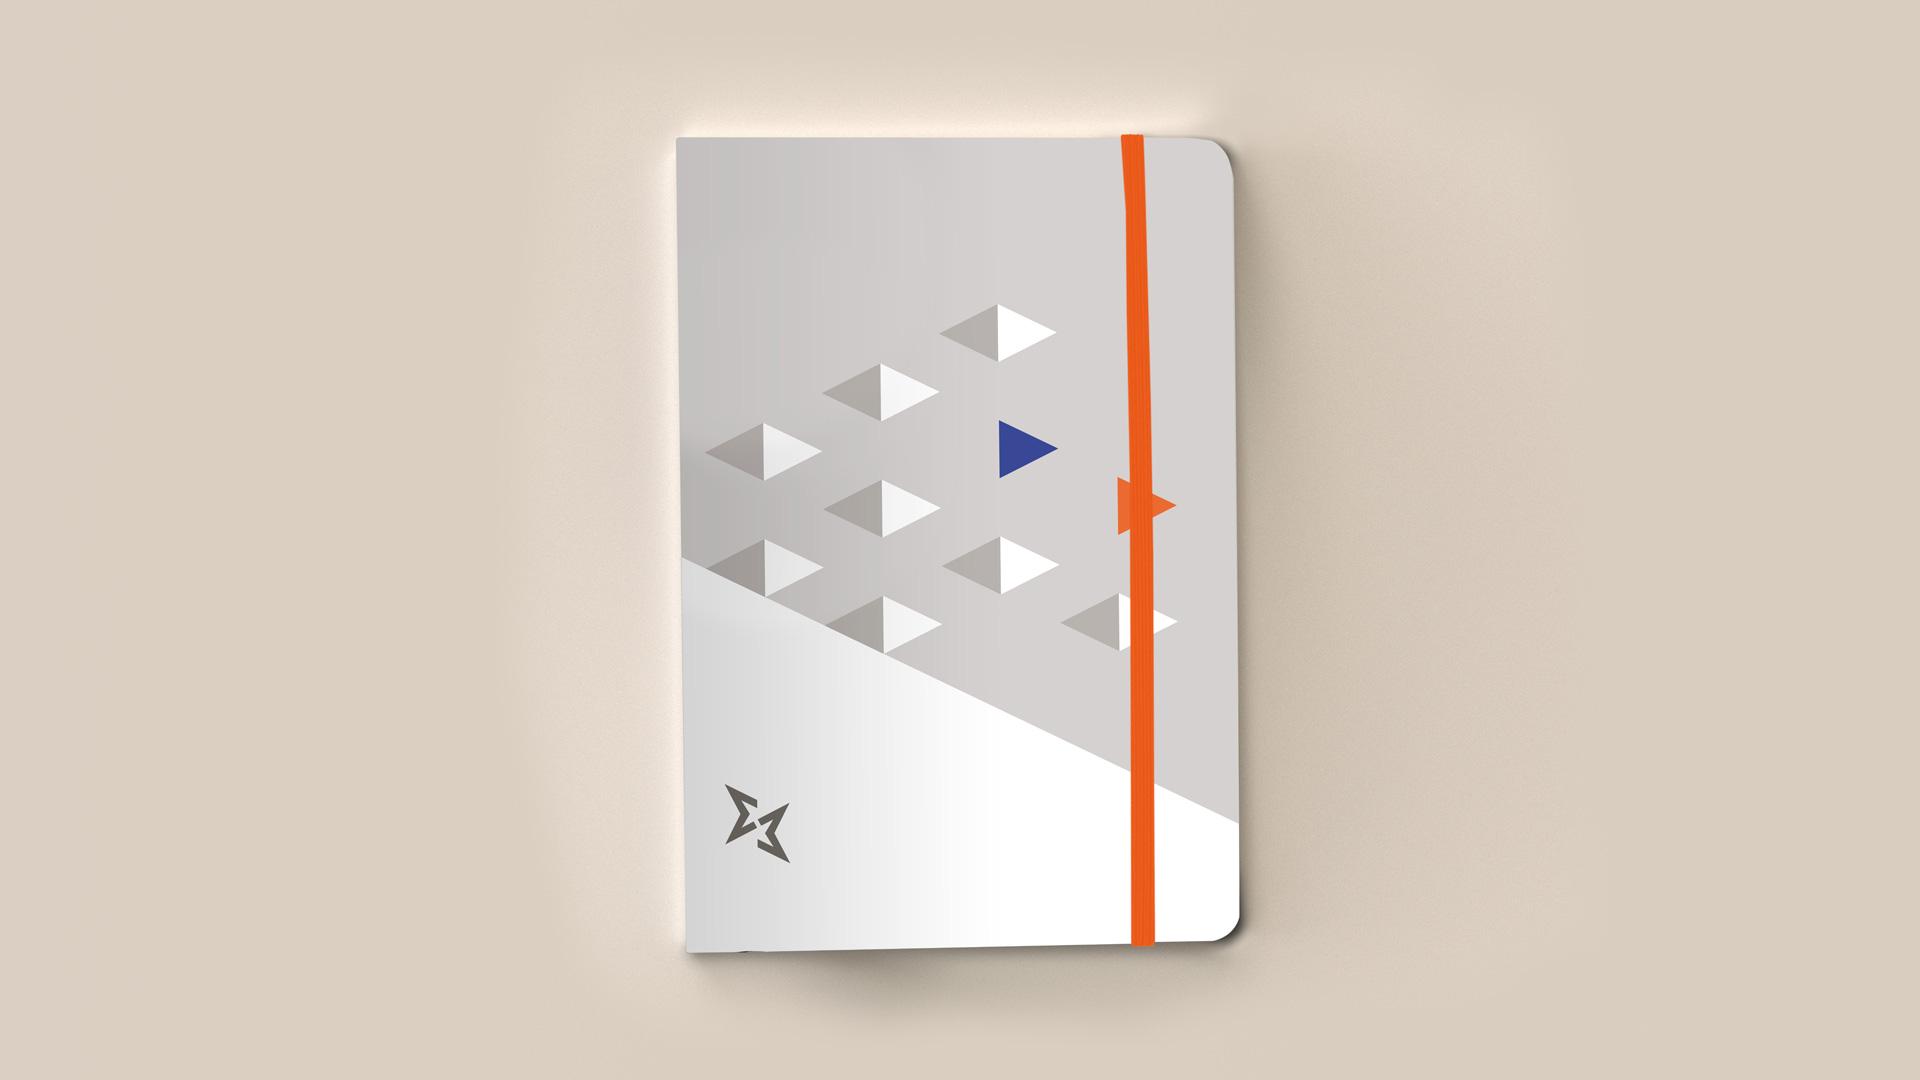 arnoldvuga-E3-anze-versnik-02